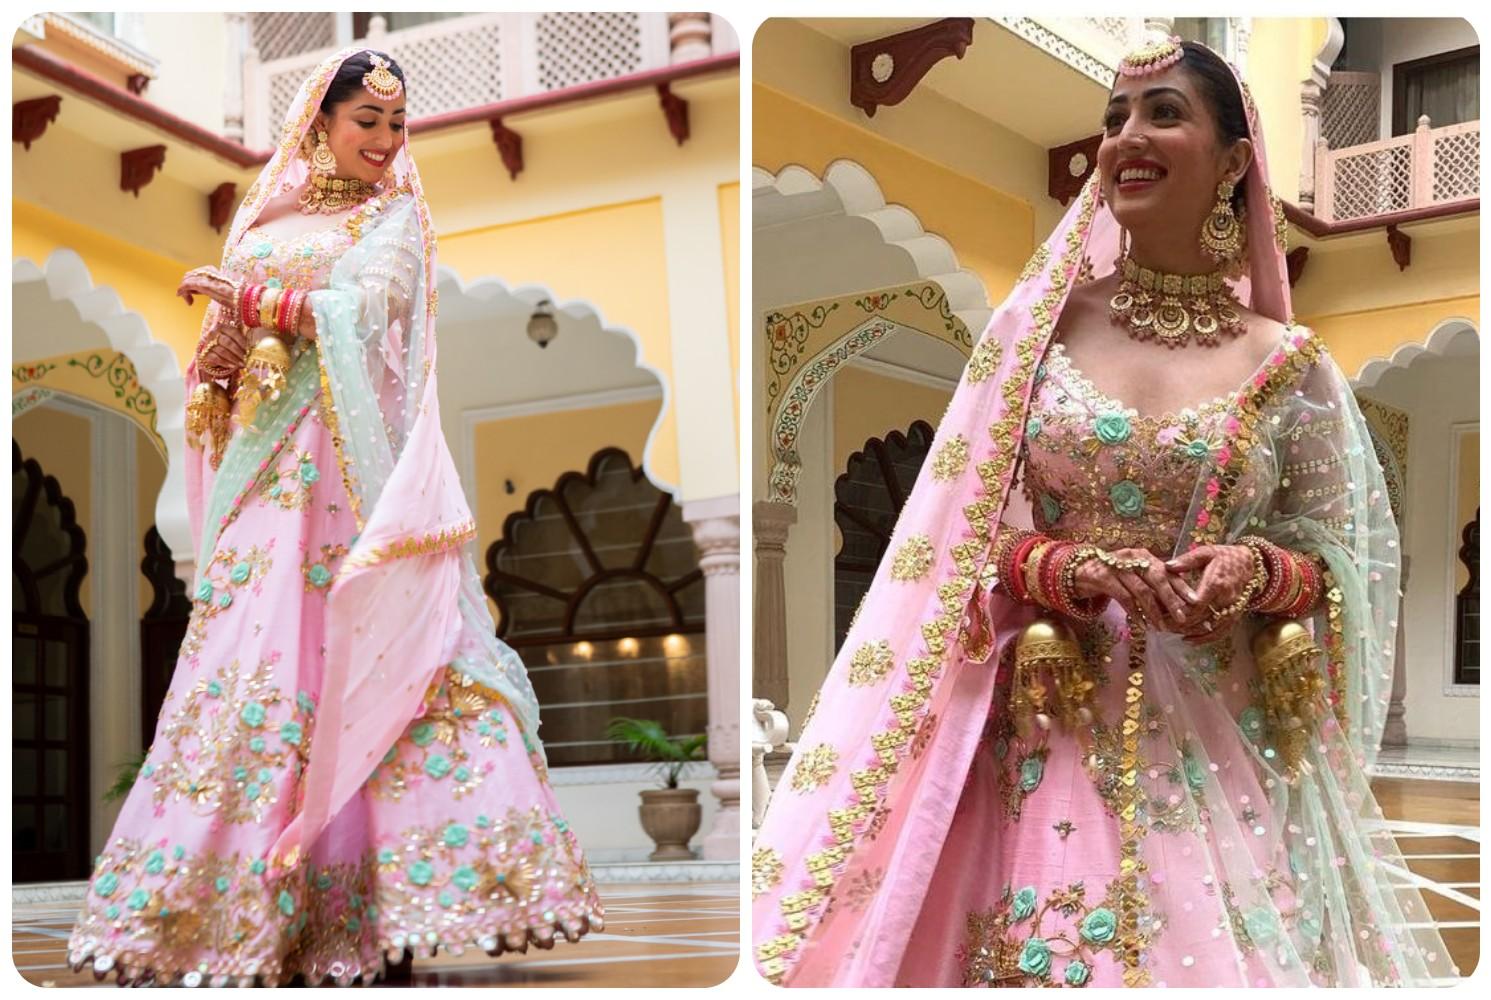 शादी की बात करें तो इस हिमाचली दुल्हन के गहनें भी खूबसूरत थे। हालांकि यामी गौत की ज्वैलरी वैसे भी लड़कियों का ध्यान अपनी ओर आकर्षित करती हैं।